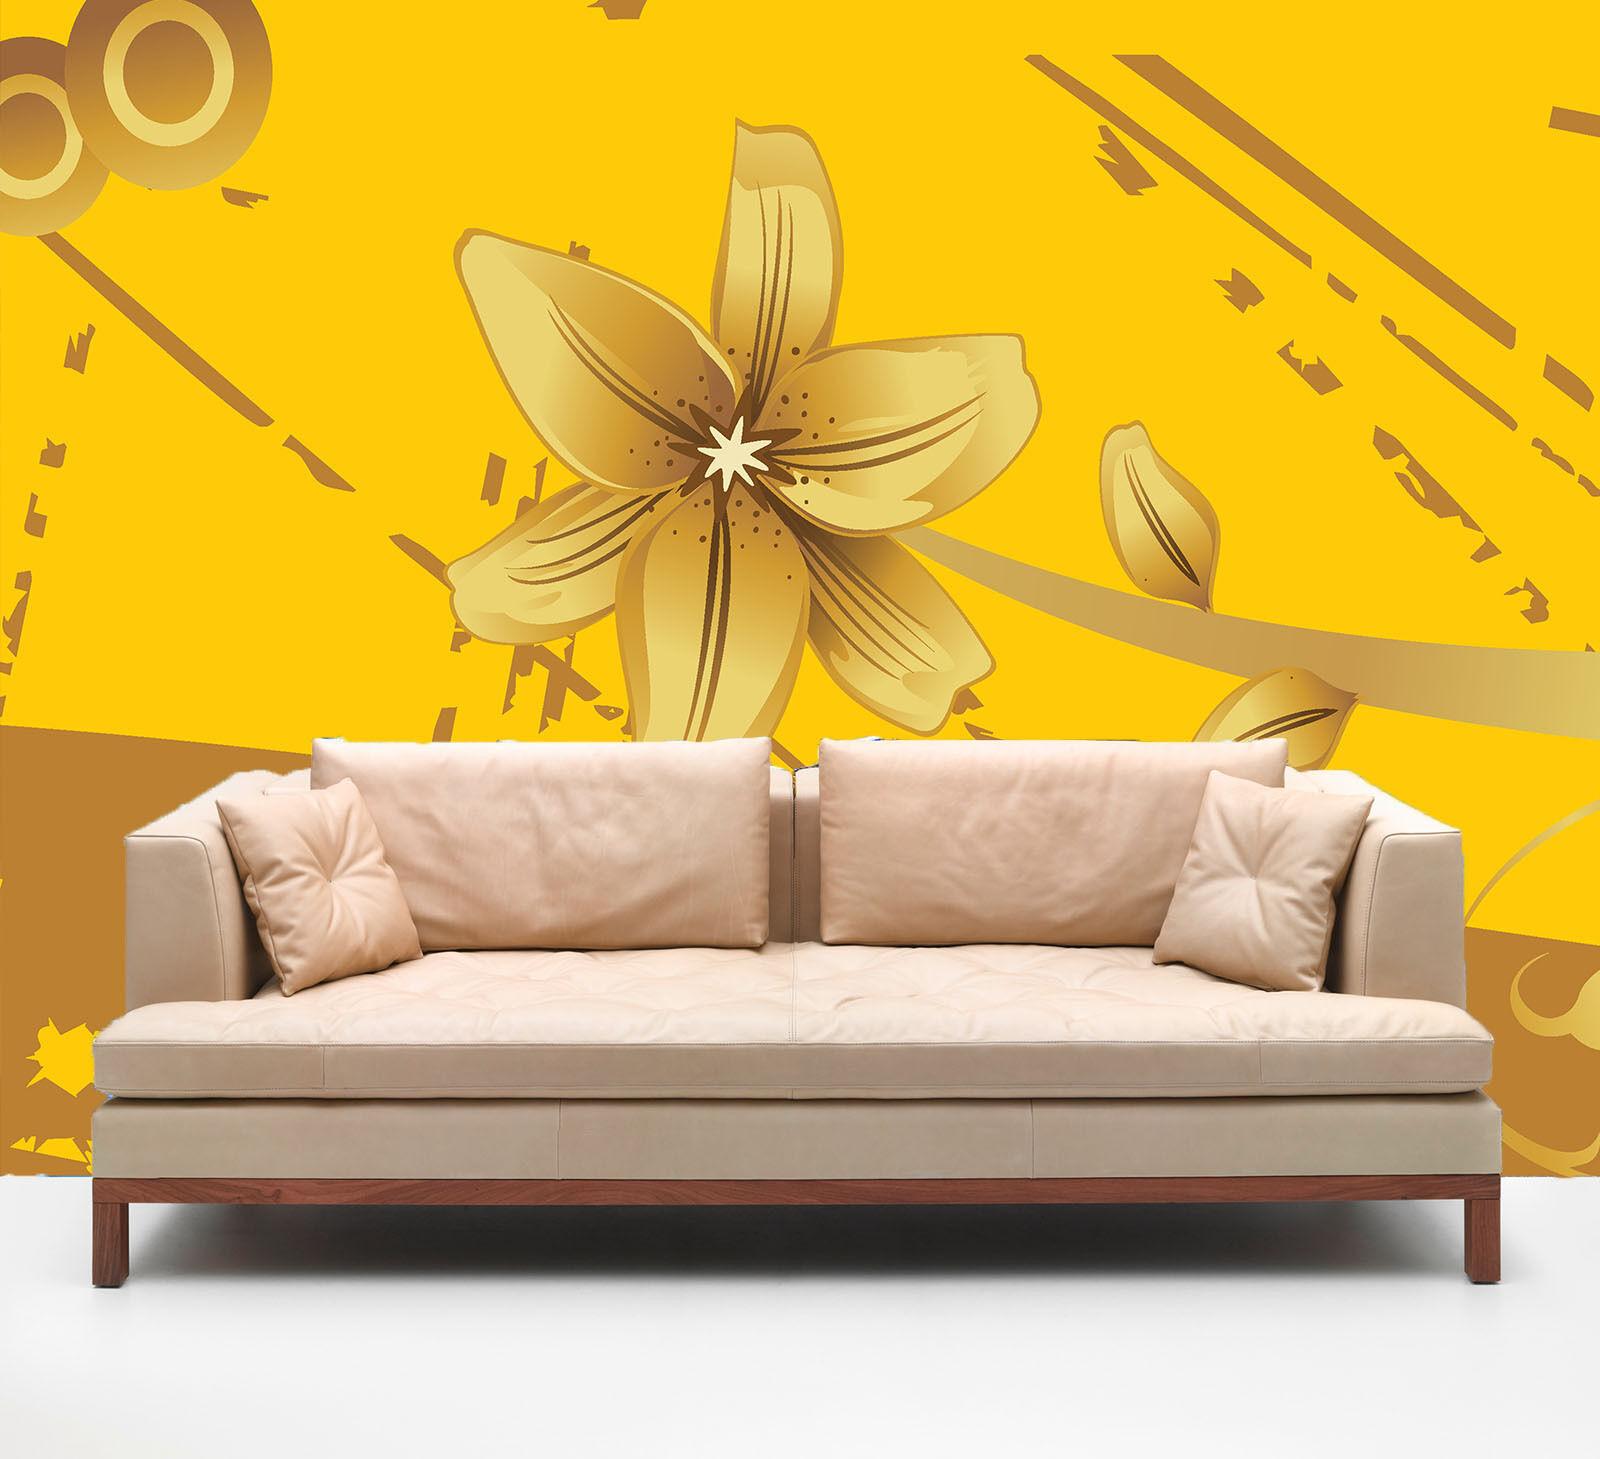 3D Die Goldene Blaume 0213 Fototapeten Wandbild Fototapete BildTapete Familie DE